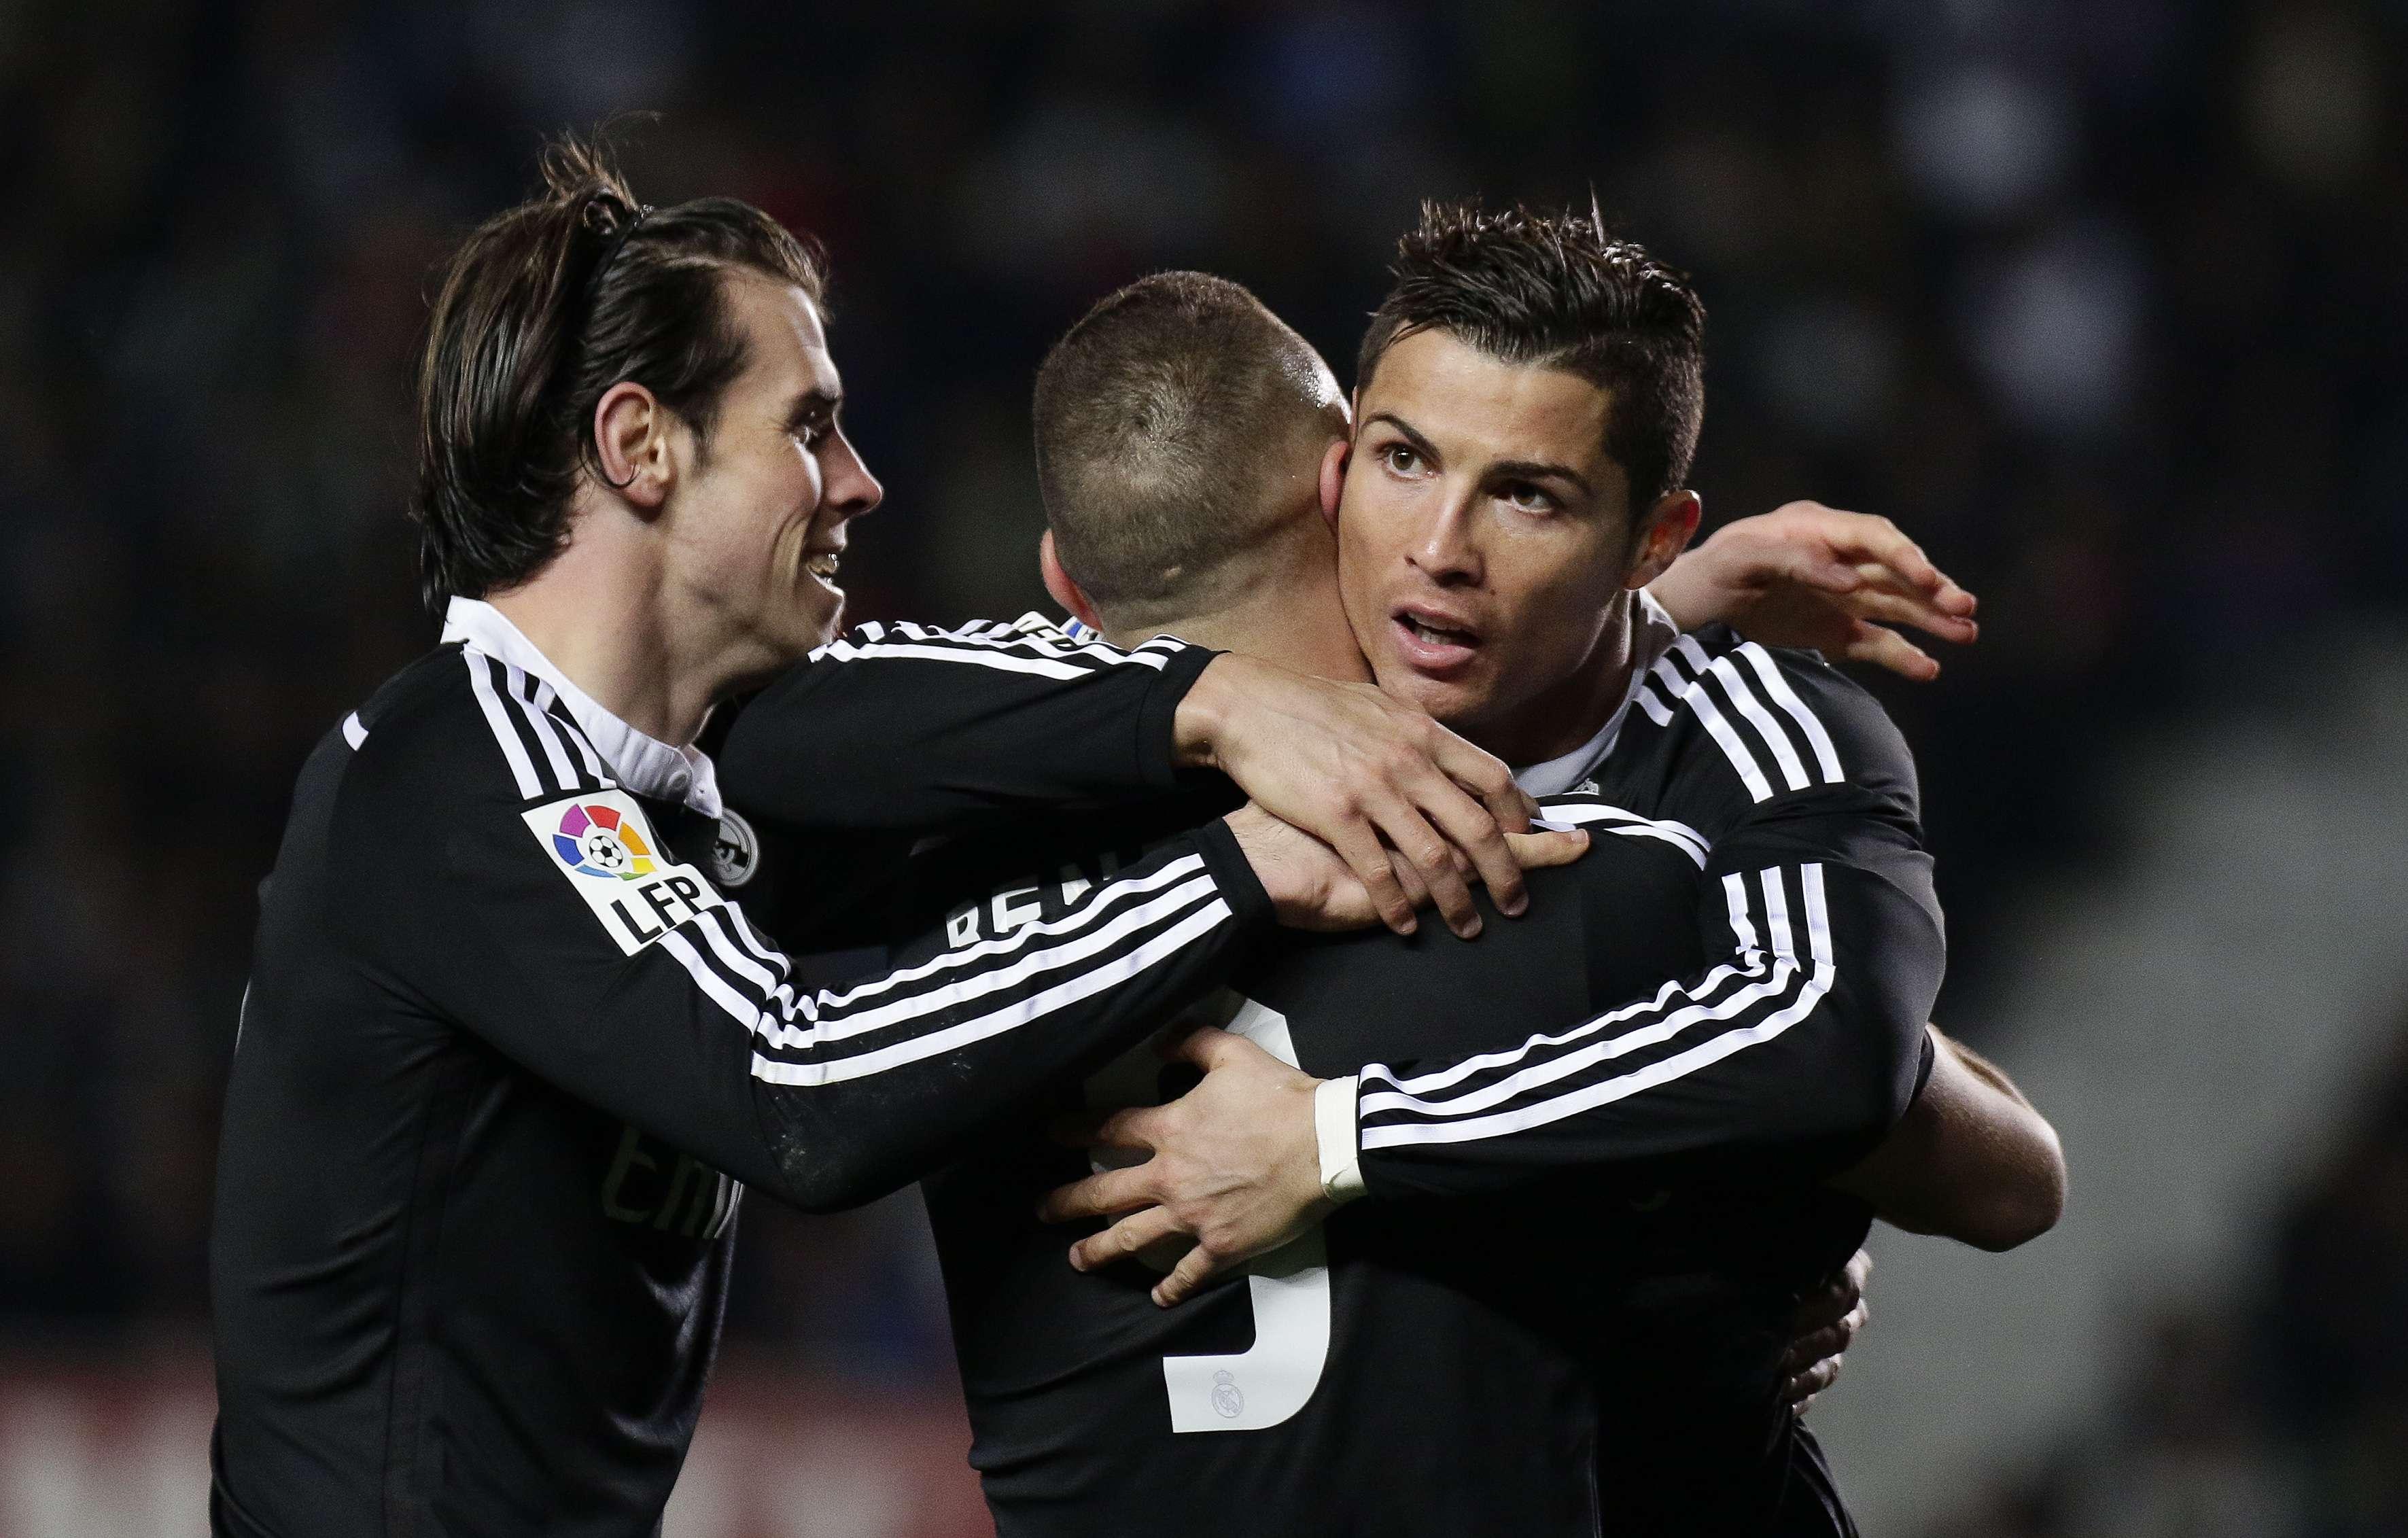 Junto con Gareth Bale y Cristiano Ronaldo, Karim Benzema celebra el gol que anotó en el partido Real Madrid vs. Elche FC, el pasado 22 de febrero. Foto: JOSE JORDAN / AFP